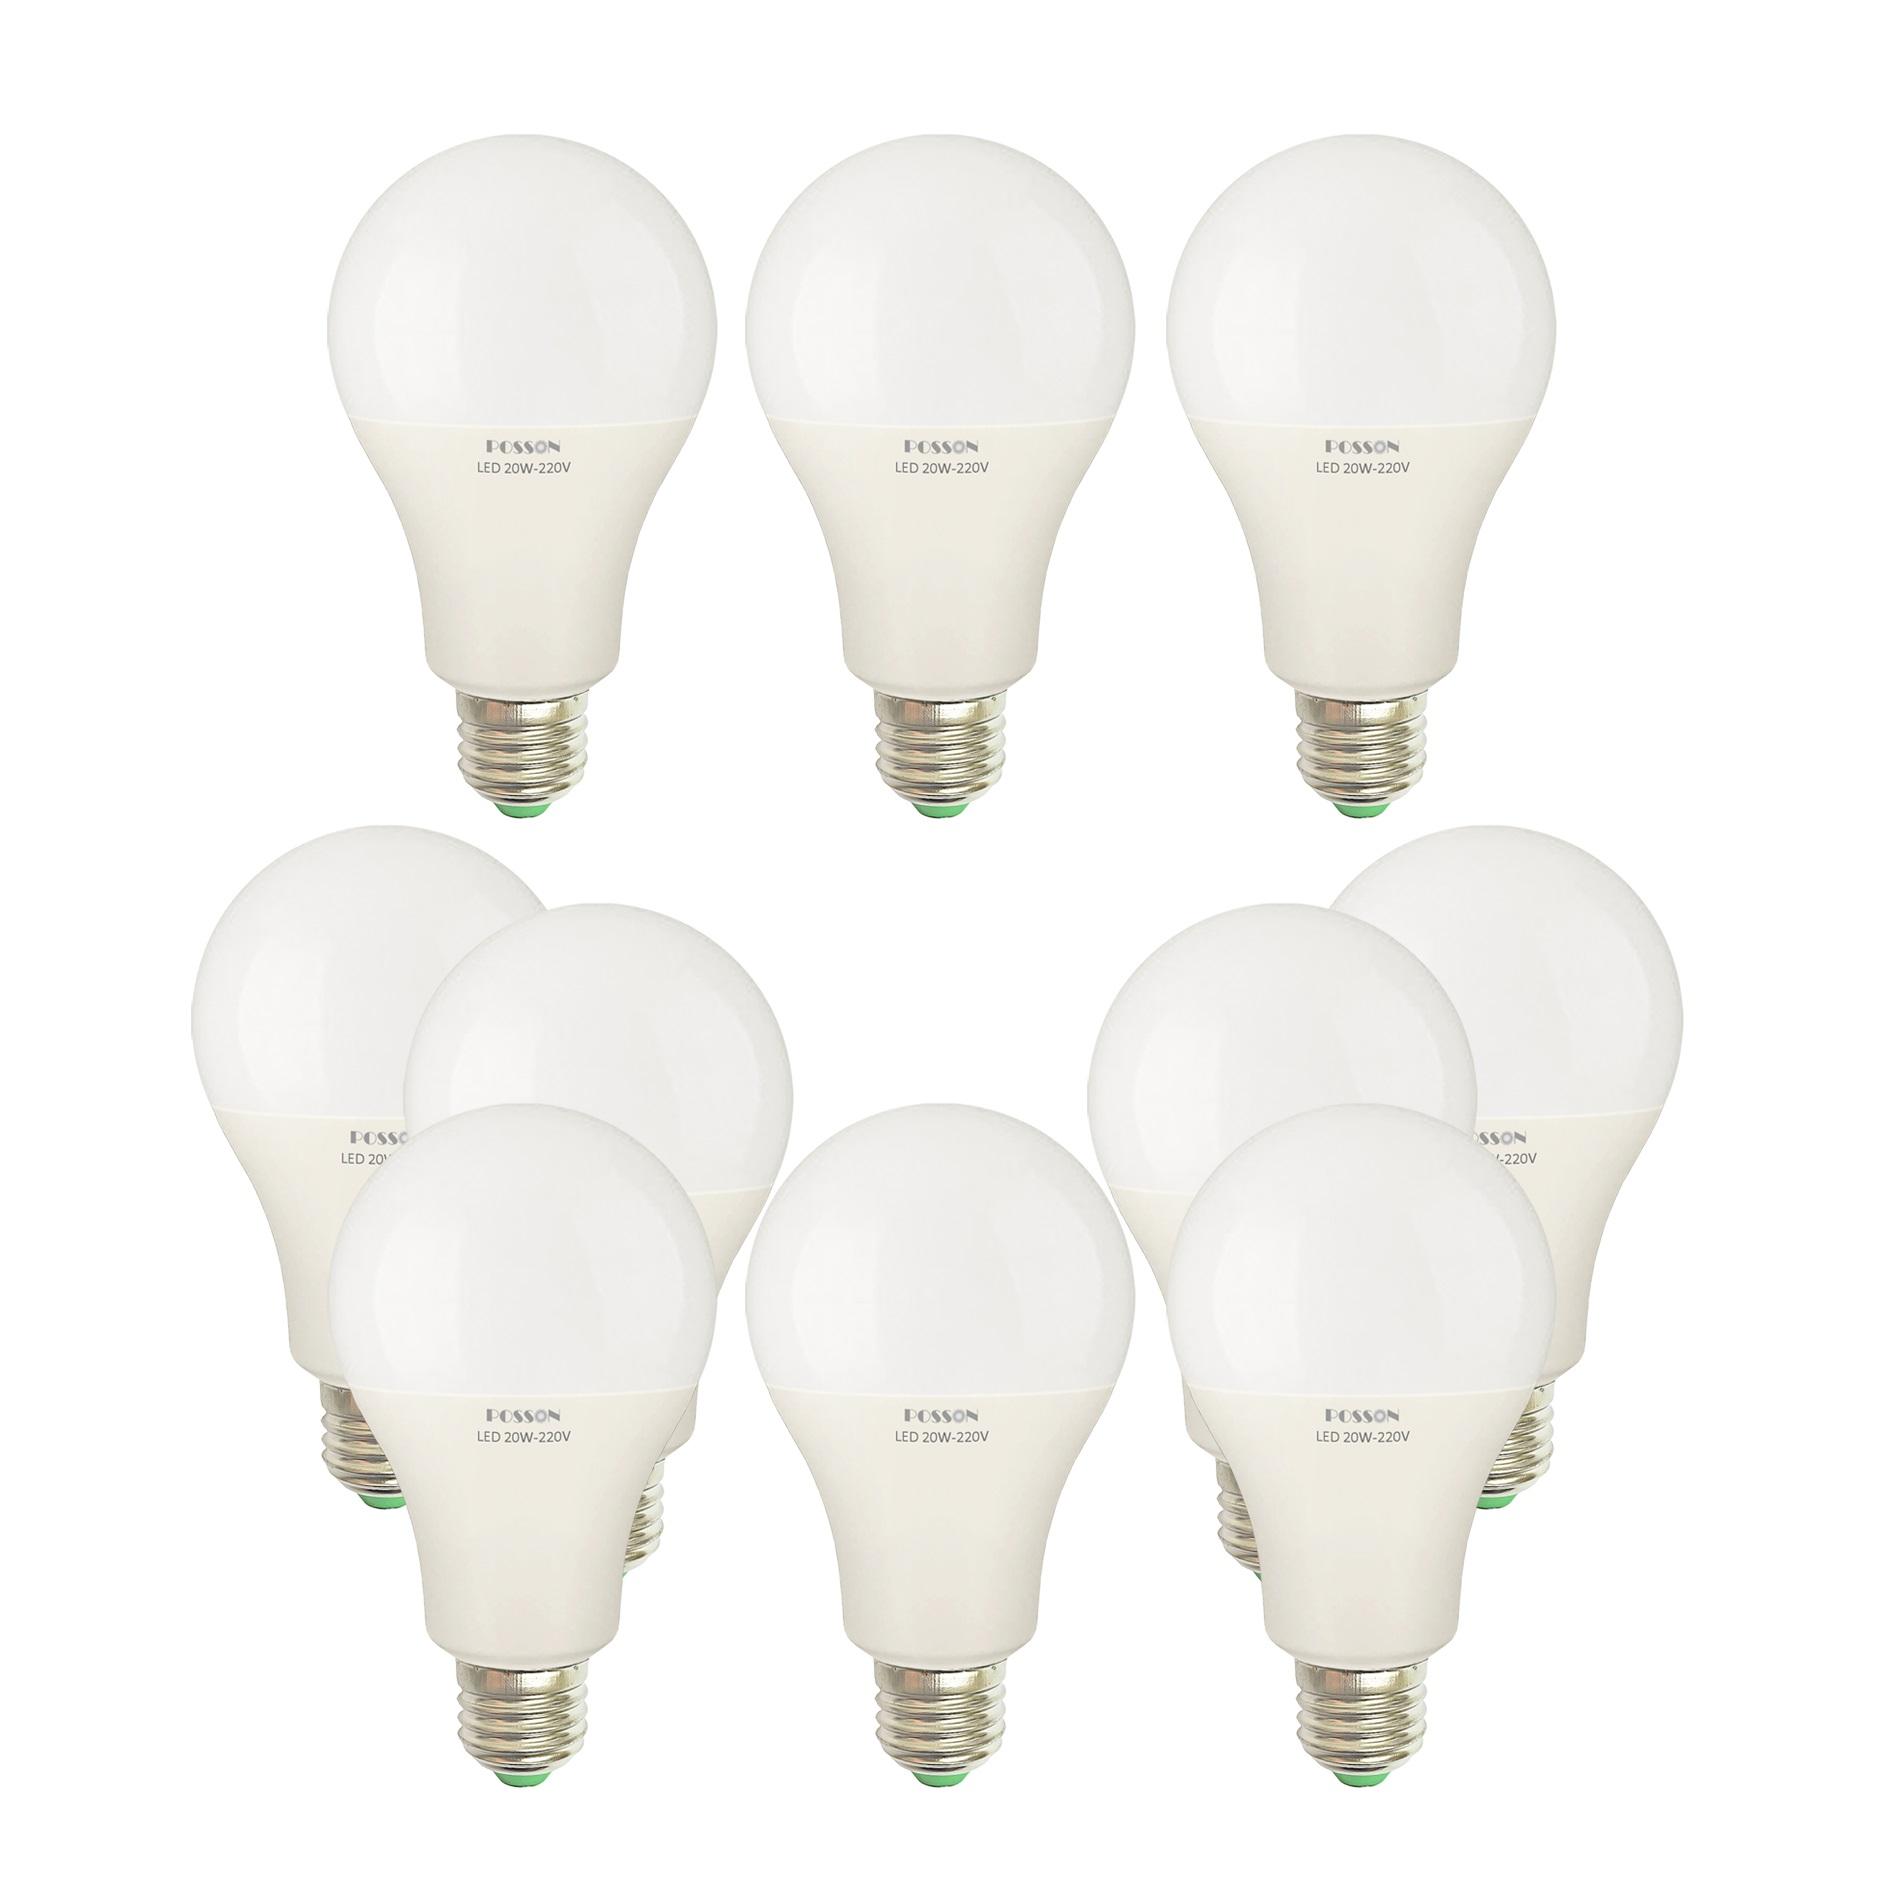 10 Bóng đèn Led 20w A80 tròn bup bulb kín chống nước tiết kiệm điện siêu sáng Posson LB-H20x